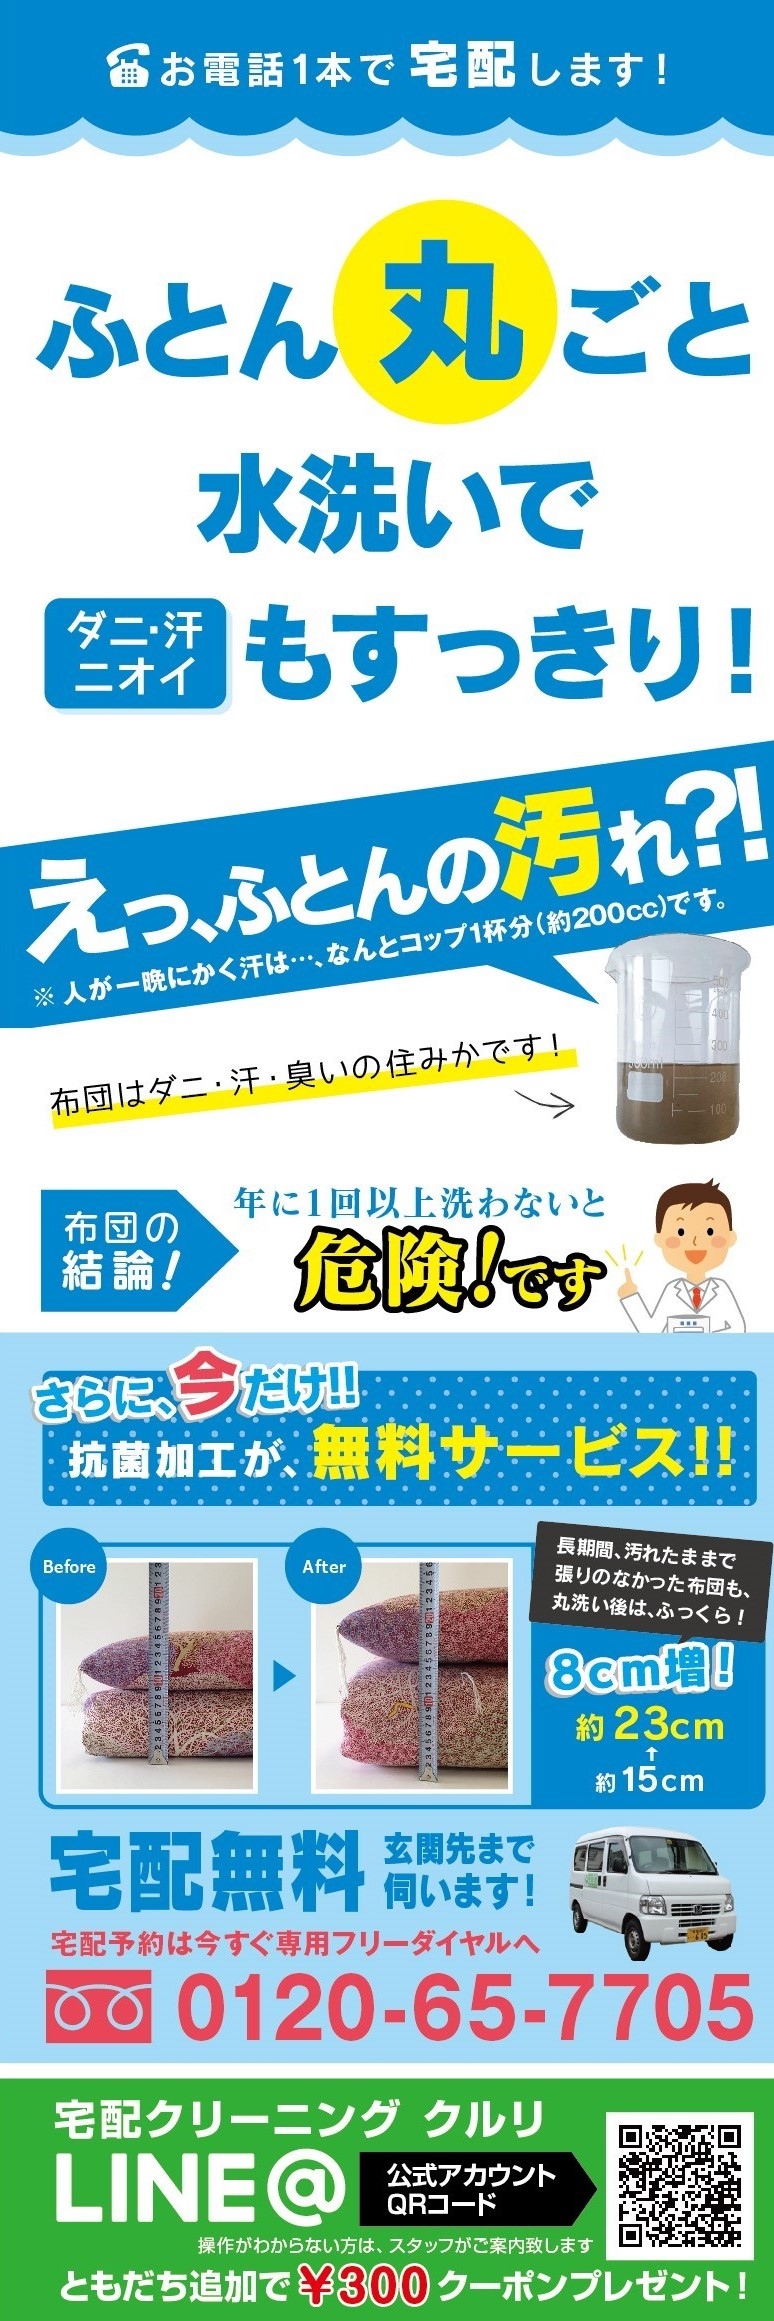 2020松山市の布団クリーニングキャンペーンオモテ